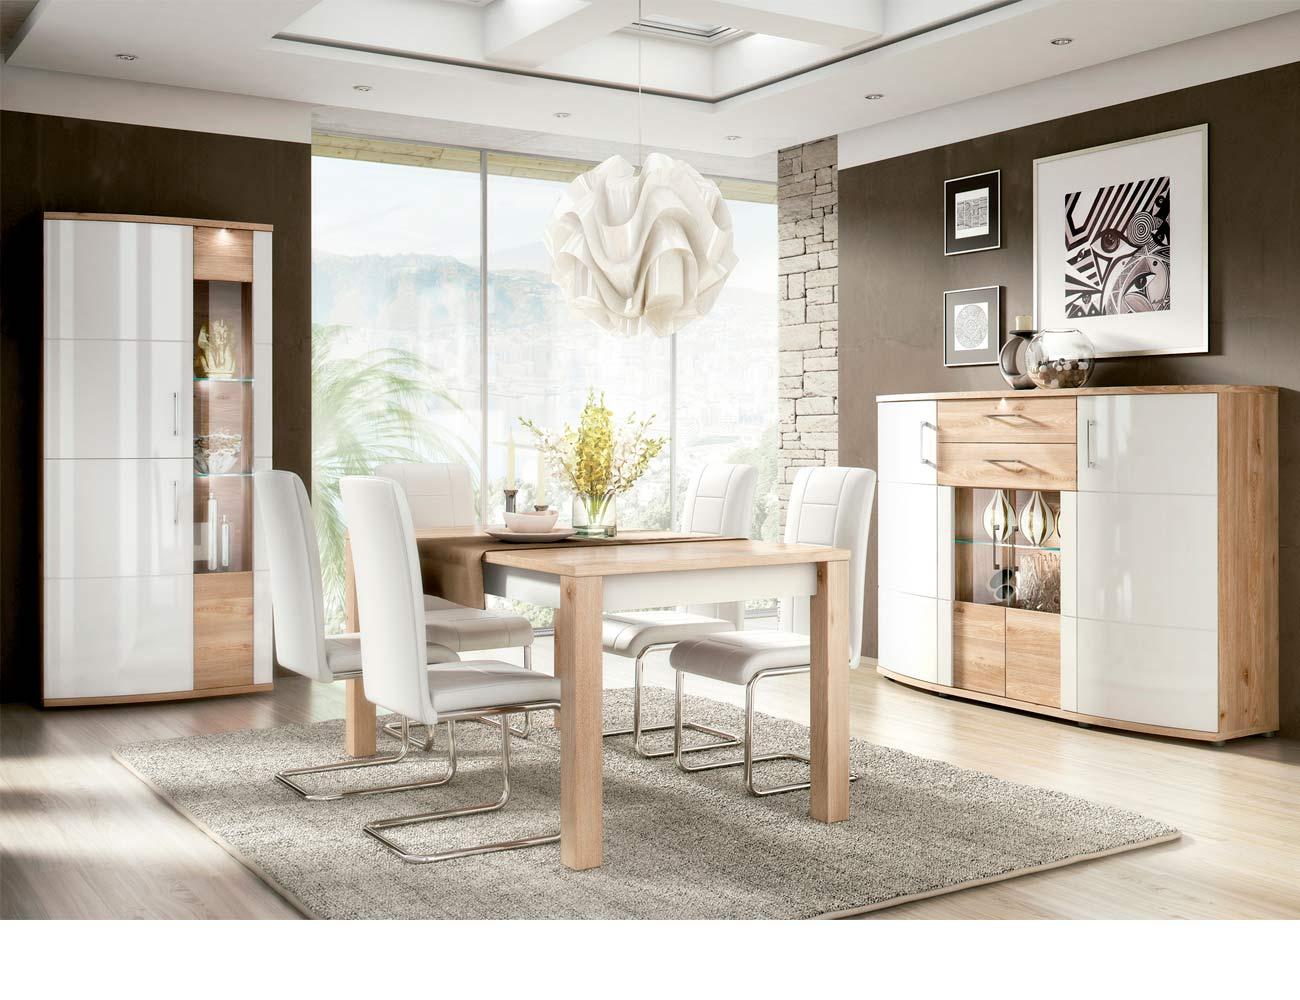 Ambiente9 mueble salon comedor vitrina bodeguero mesa sillas tapizadas aparador nelson blanco6